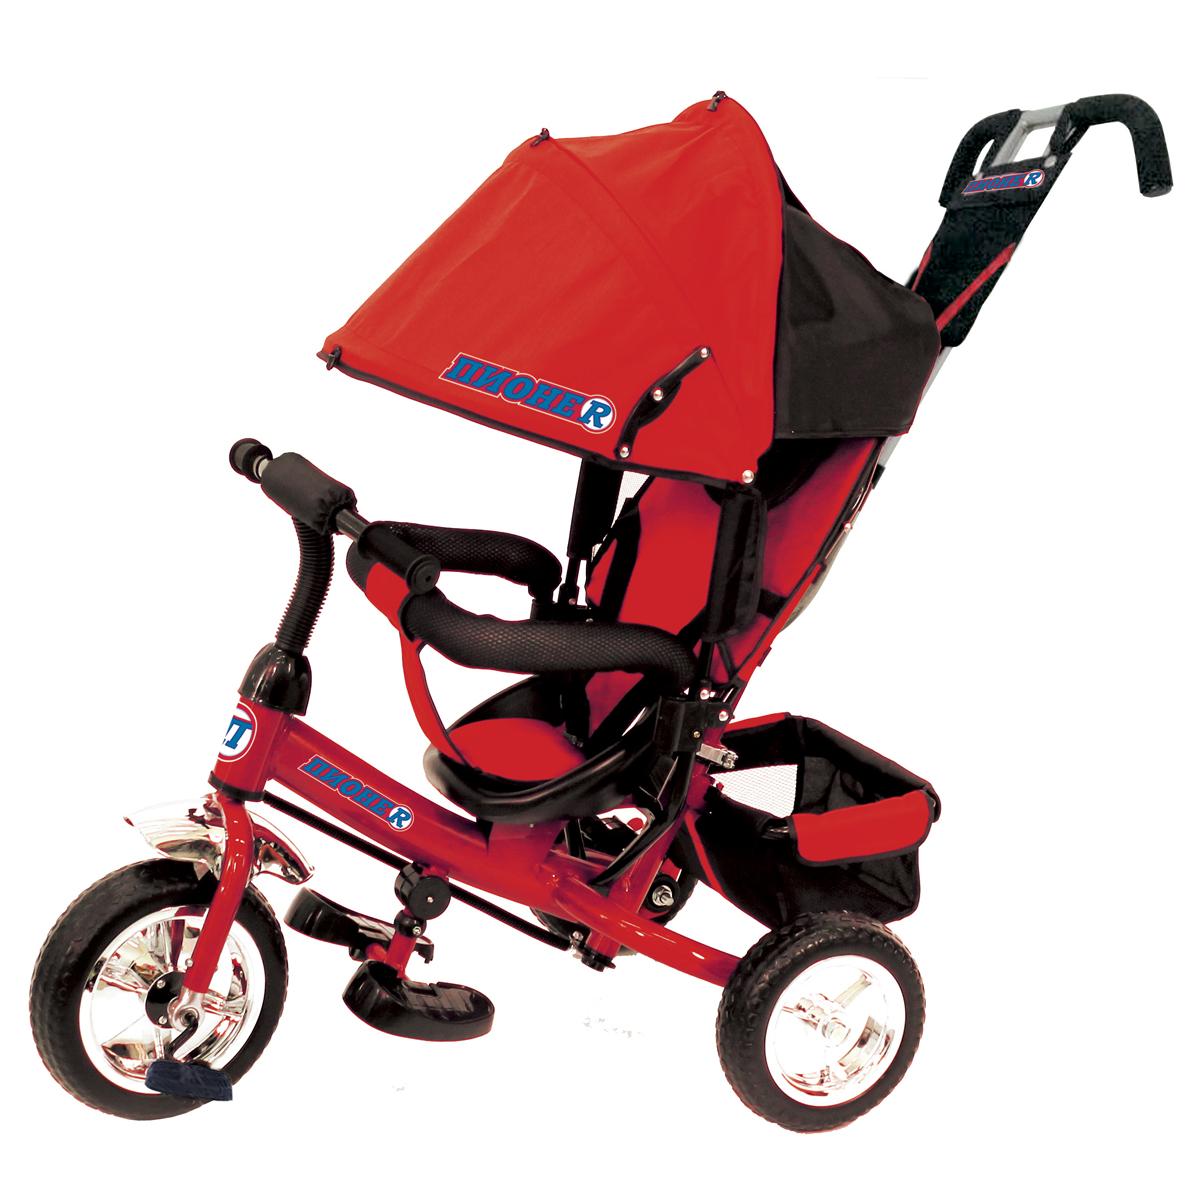 ПИОНЕR Велосипед трехколесный цвет красный P4R - Велосипеды-каталки